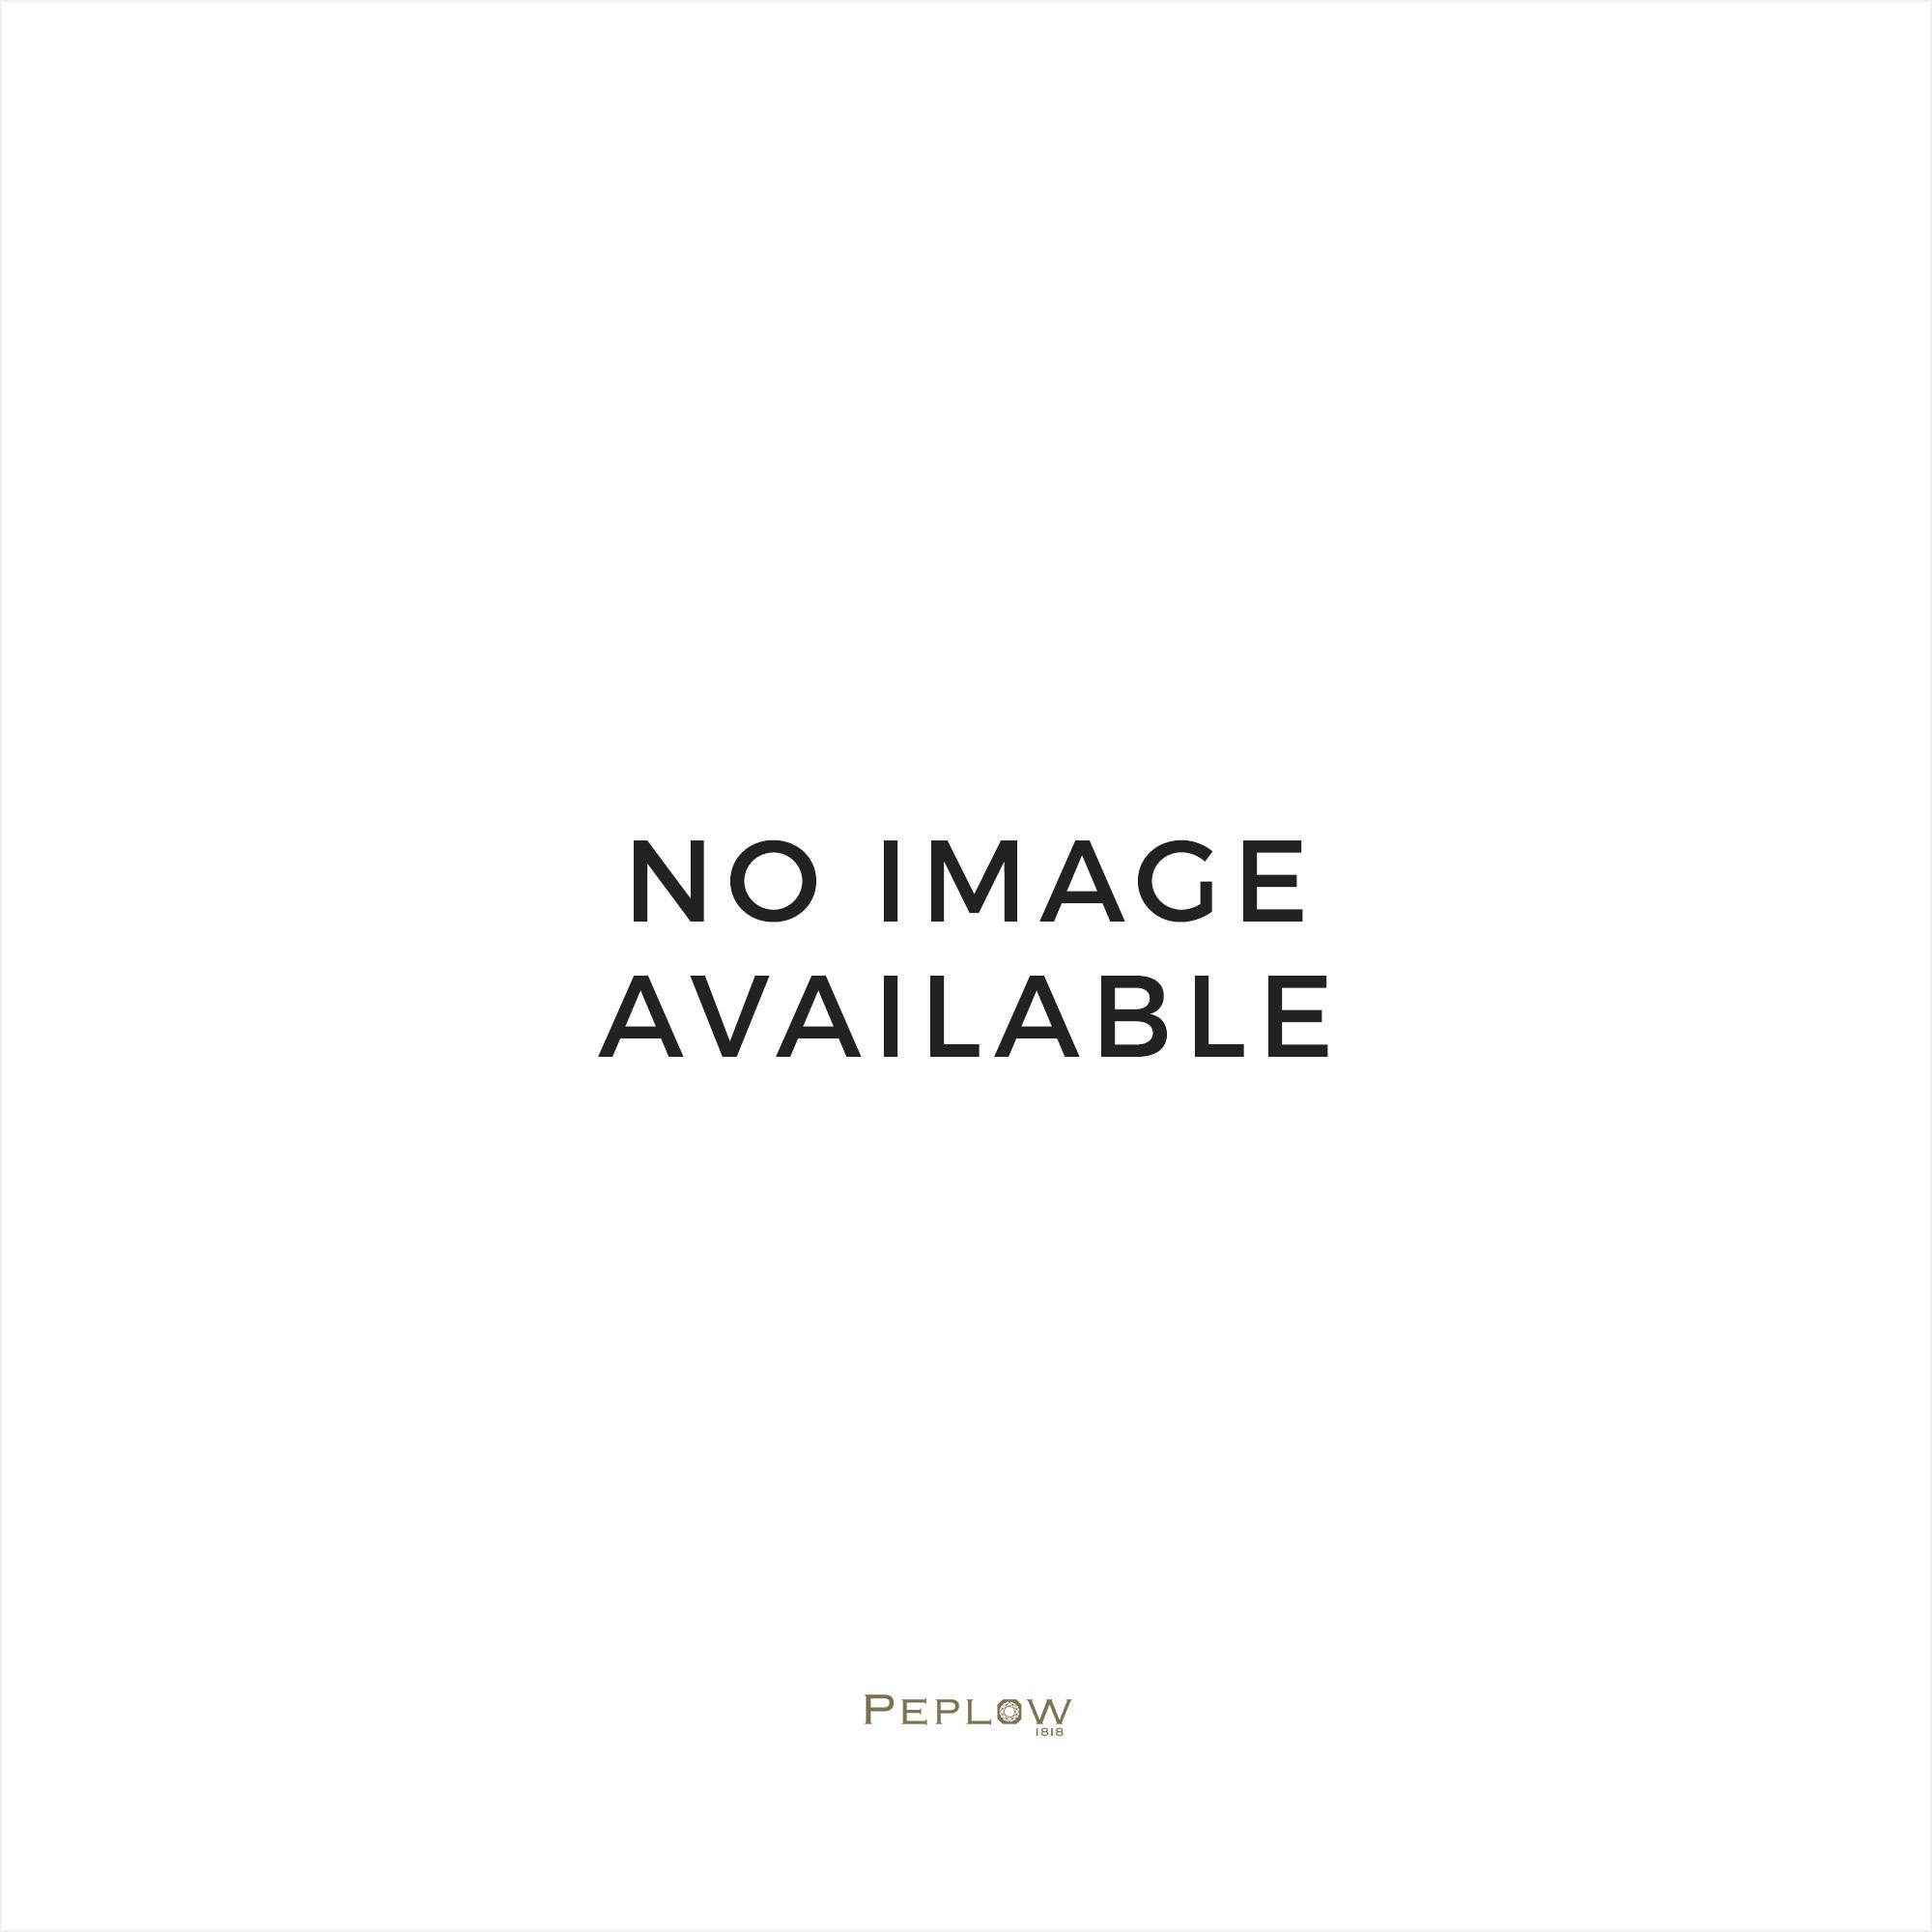 Montblanc Black Onyx Meisterstück Cufflinks